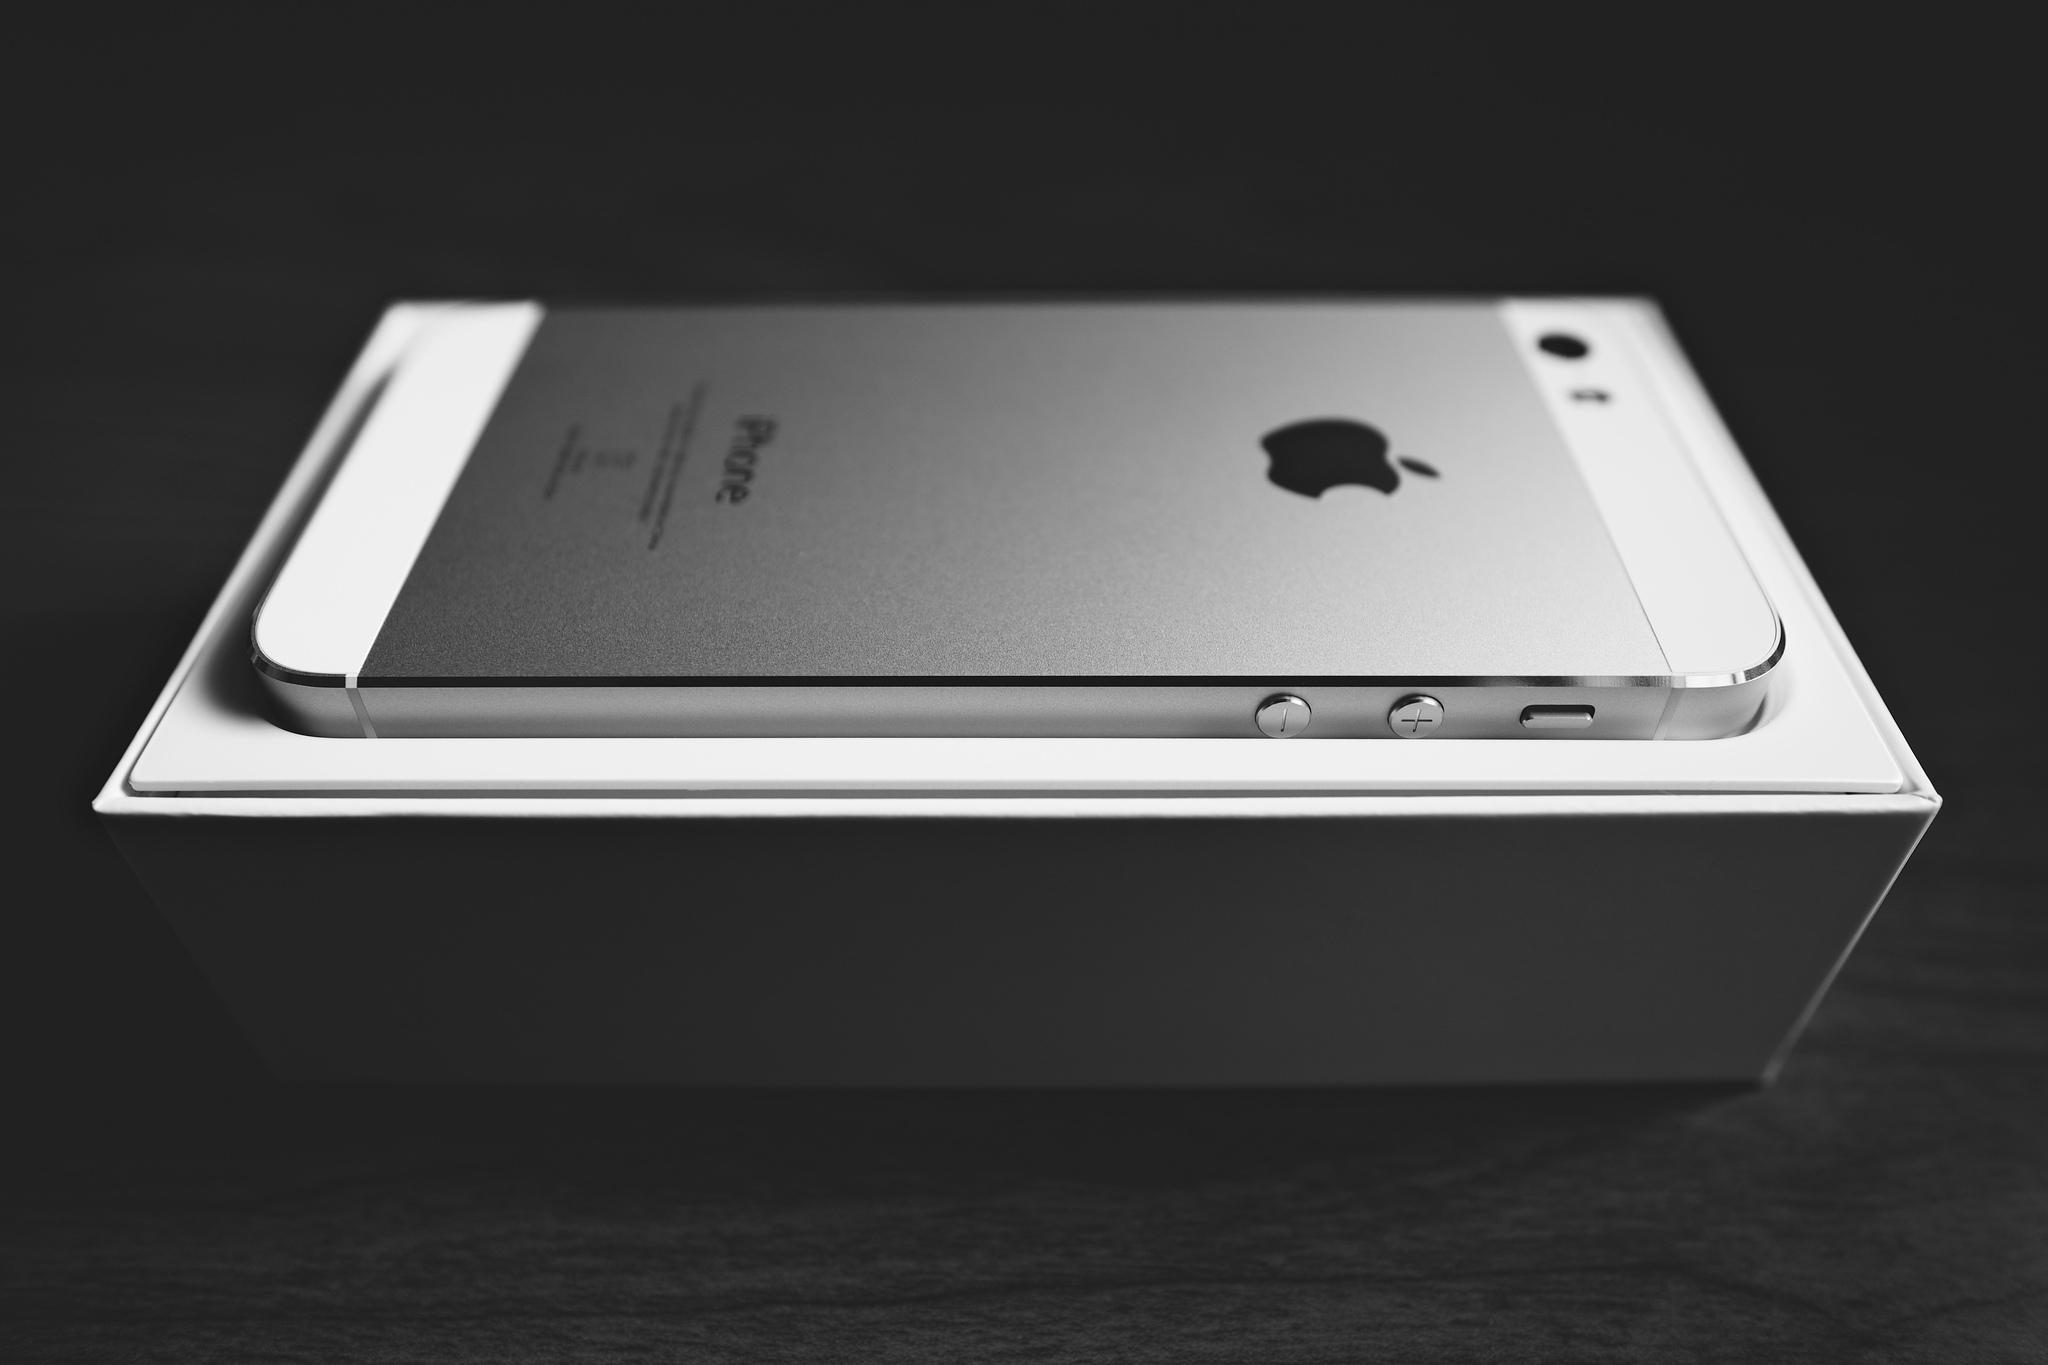 壁紙 アップル クローズアップ Iphone 5s 電話機 スマートフォン コンピューター ダウンロード 写真